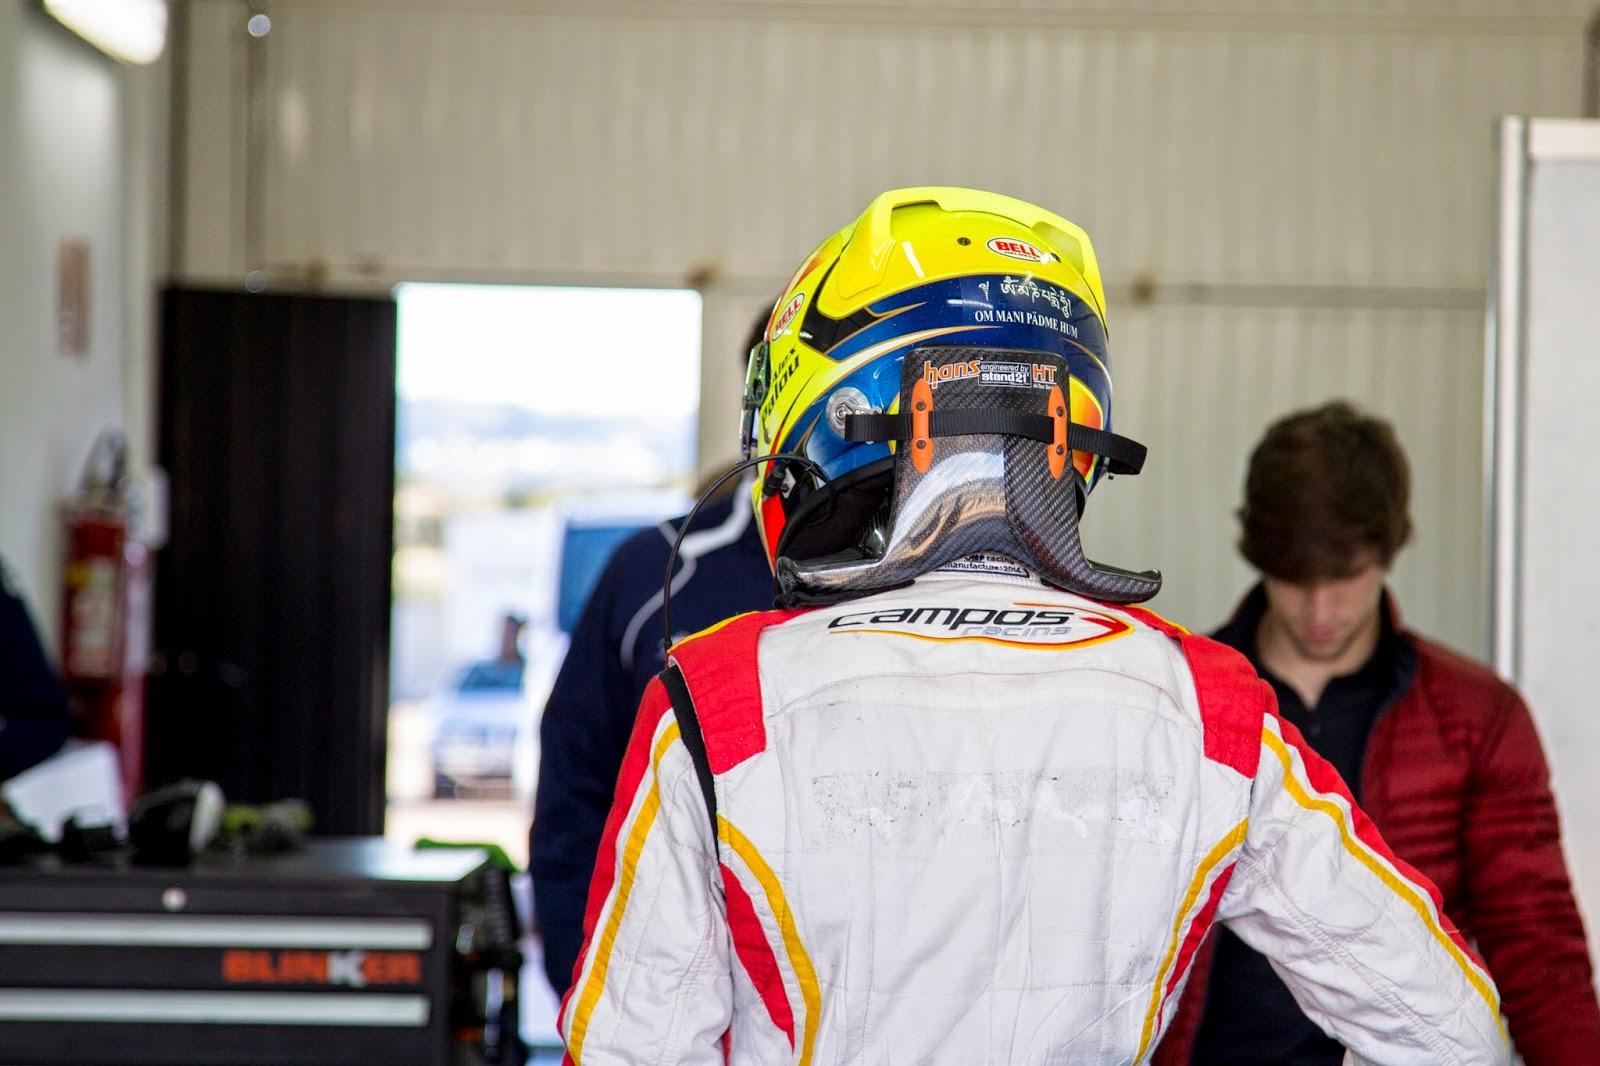 seguridad, F3, F1, Formula 3, campos racing